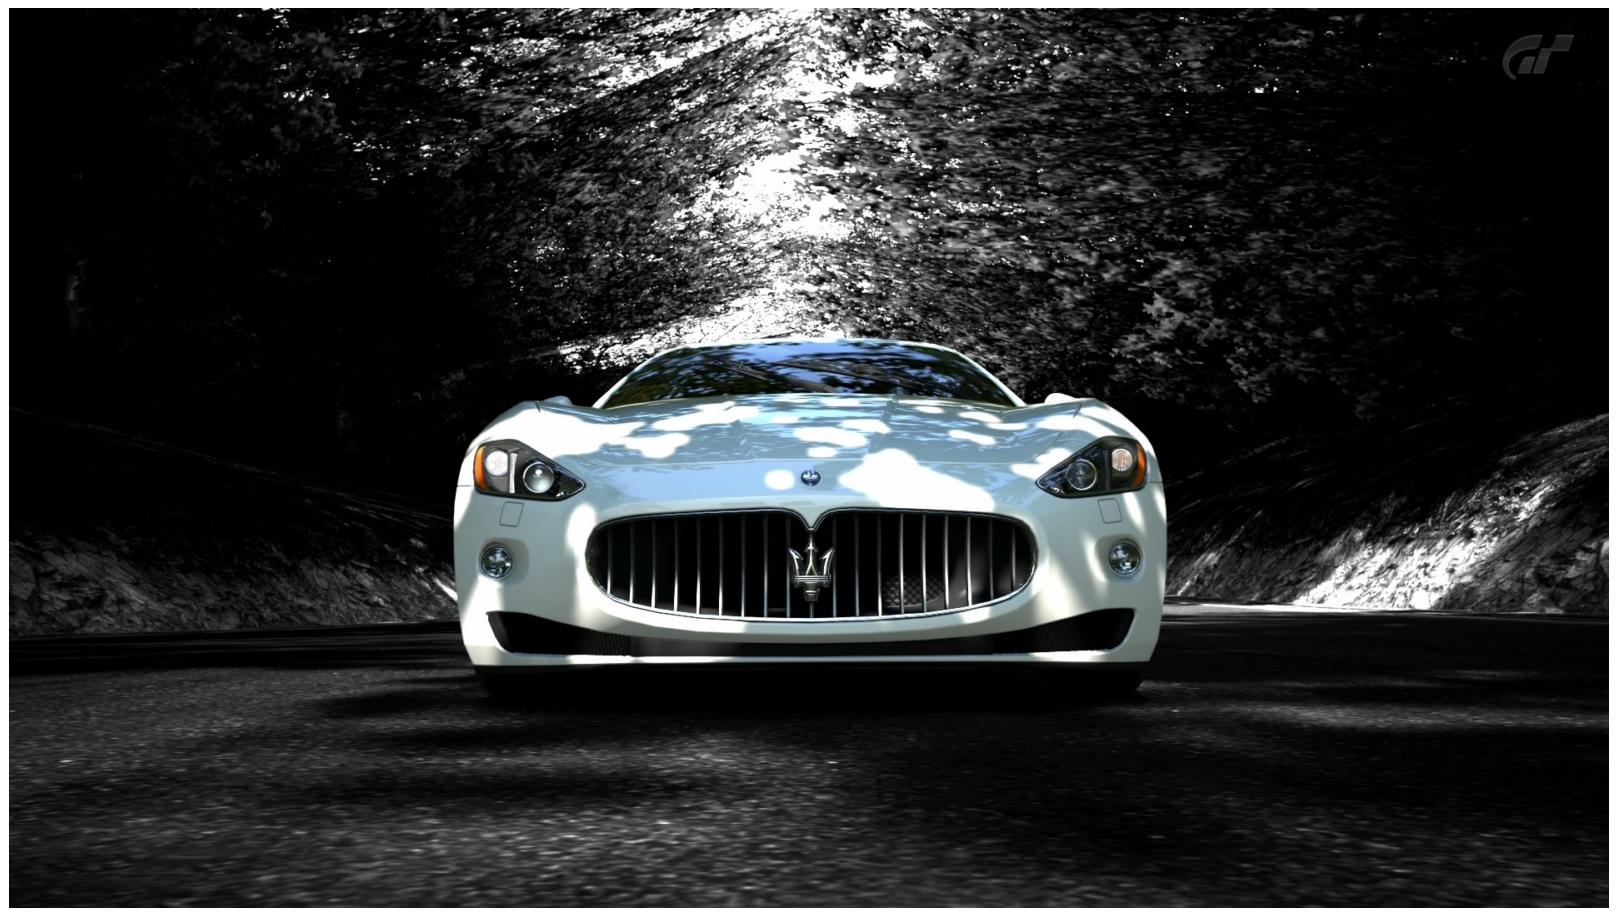 Full HD Maserati Granturismo Car Wallpapers